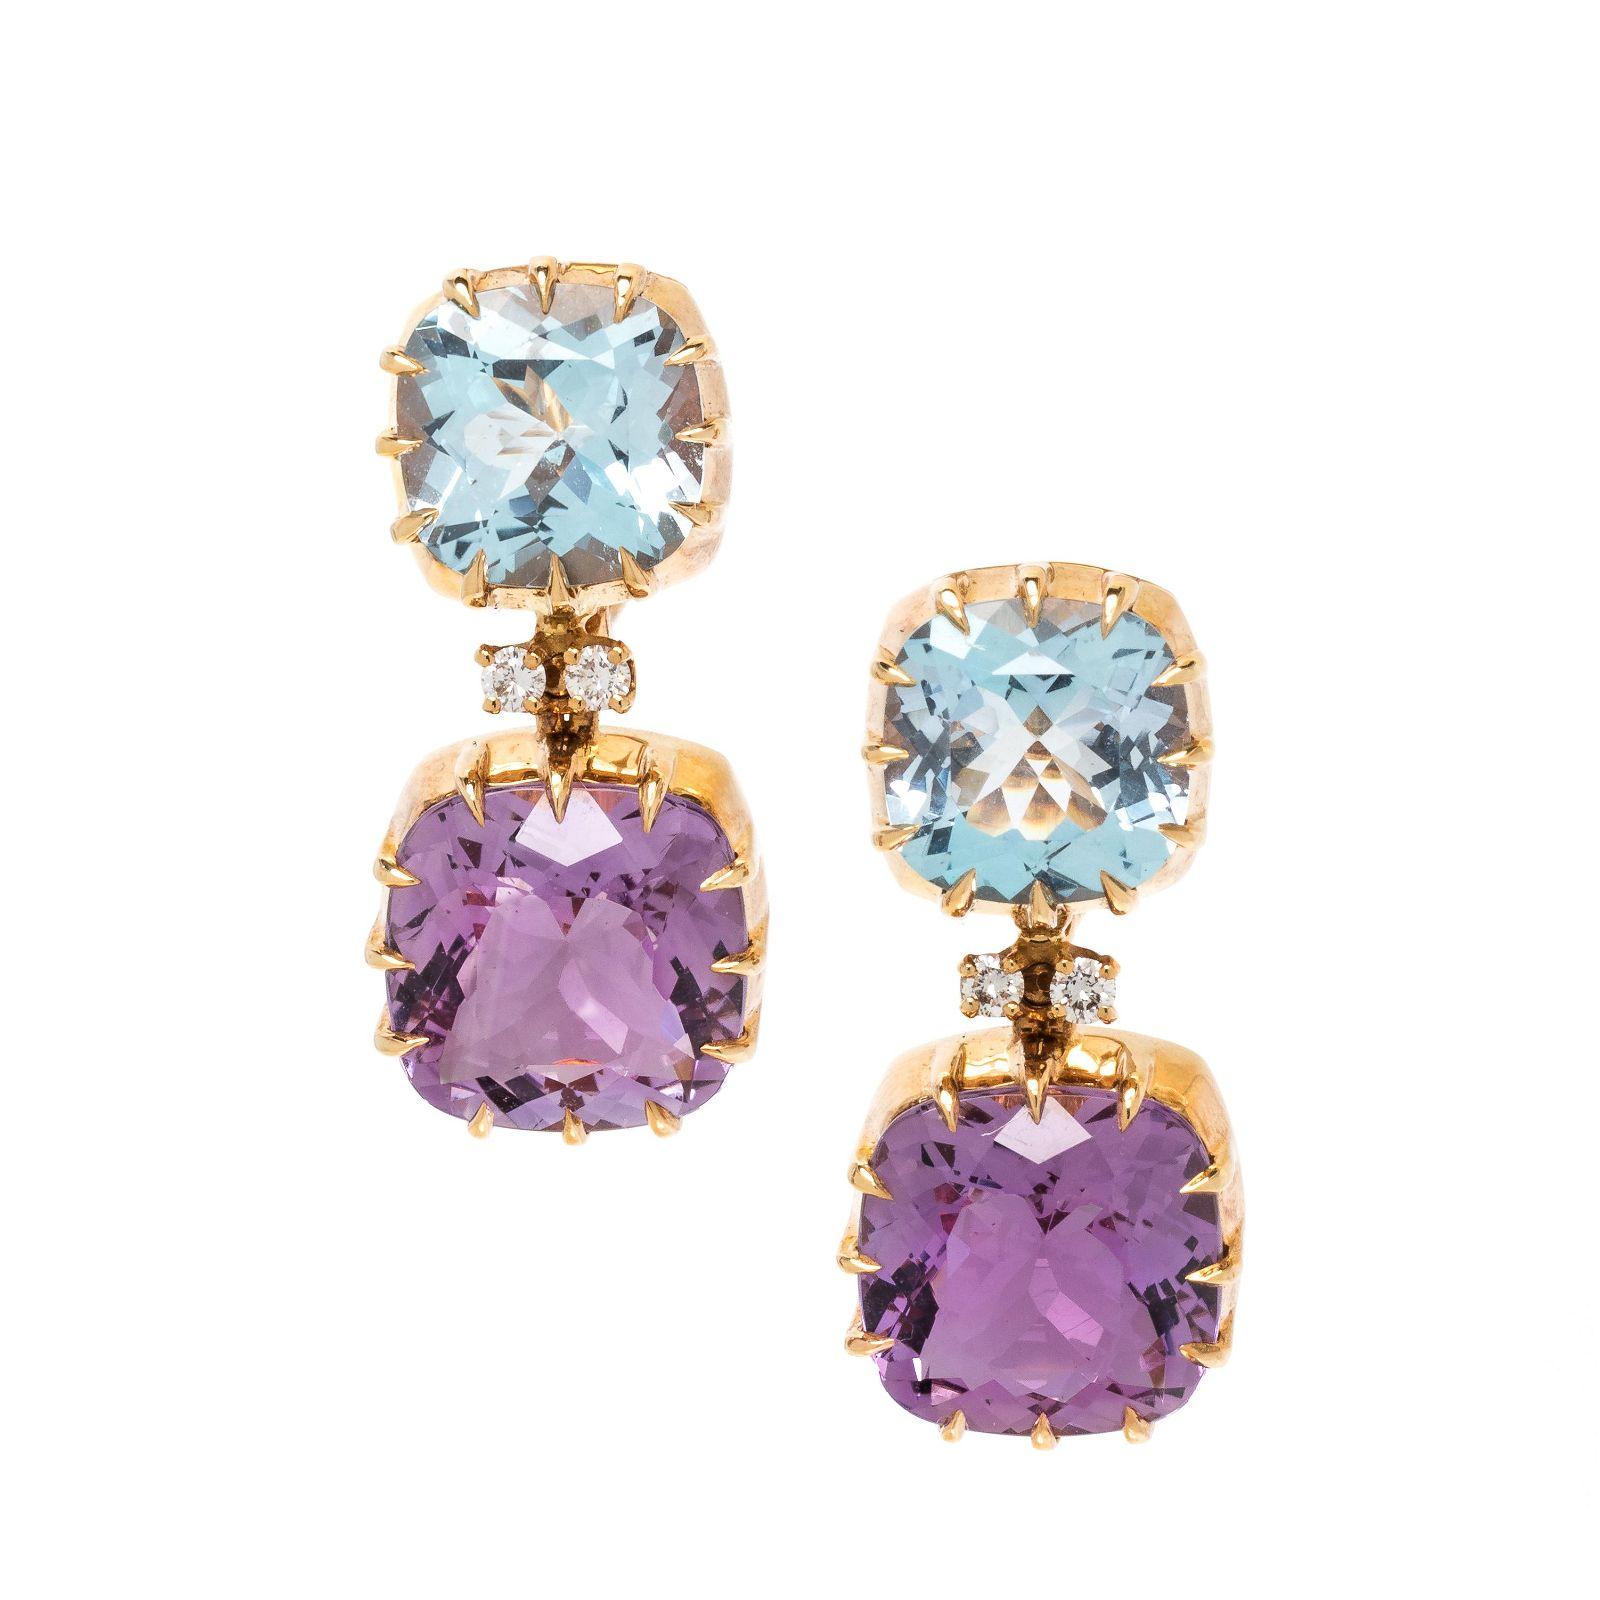 SEAMAN SCHEPPS, BLUE TOPAZ, AMETHYST AND DIAMOND